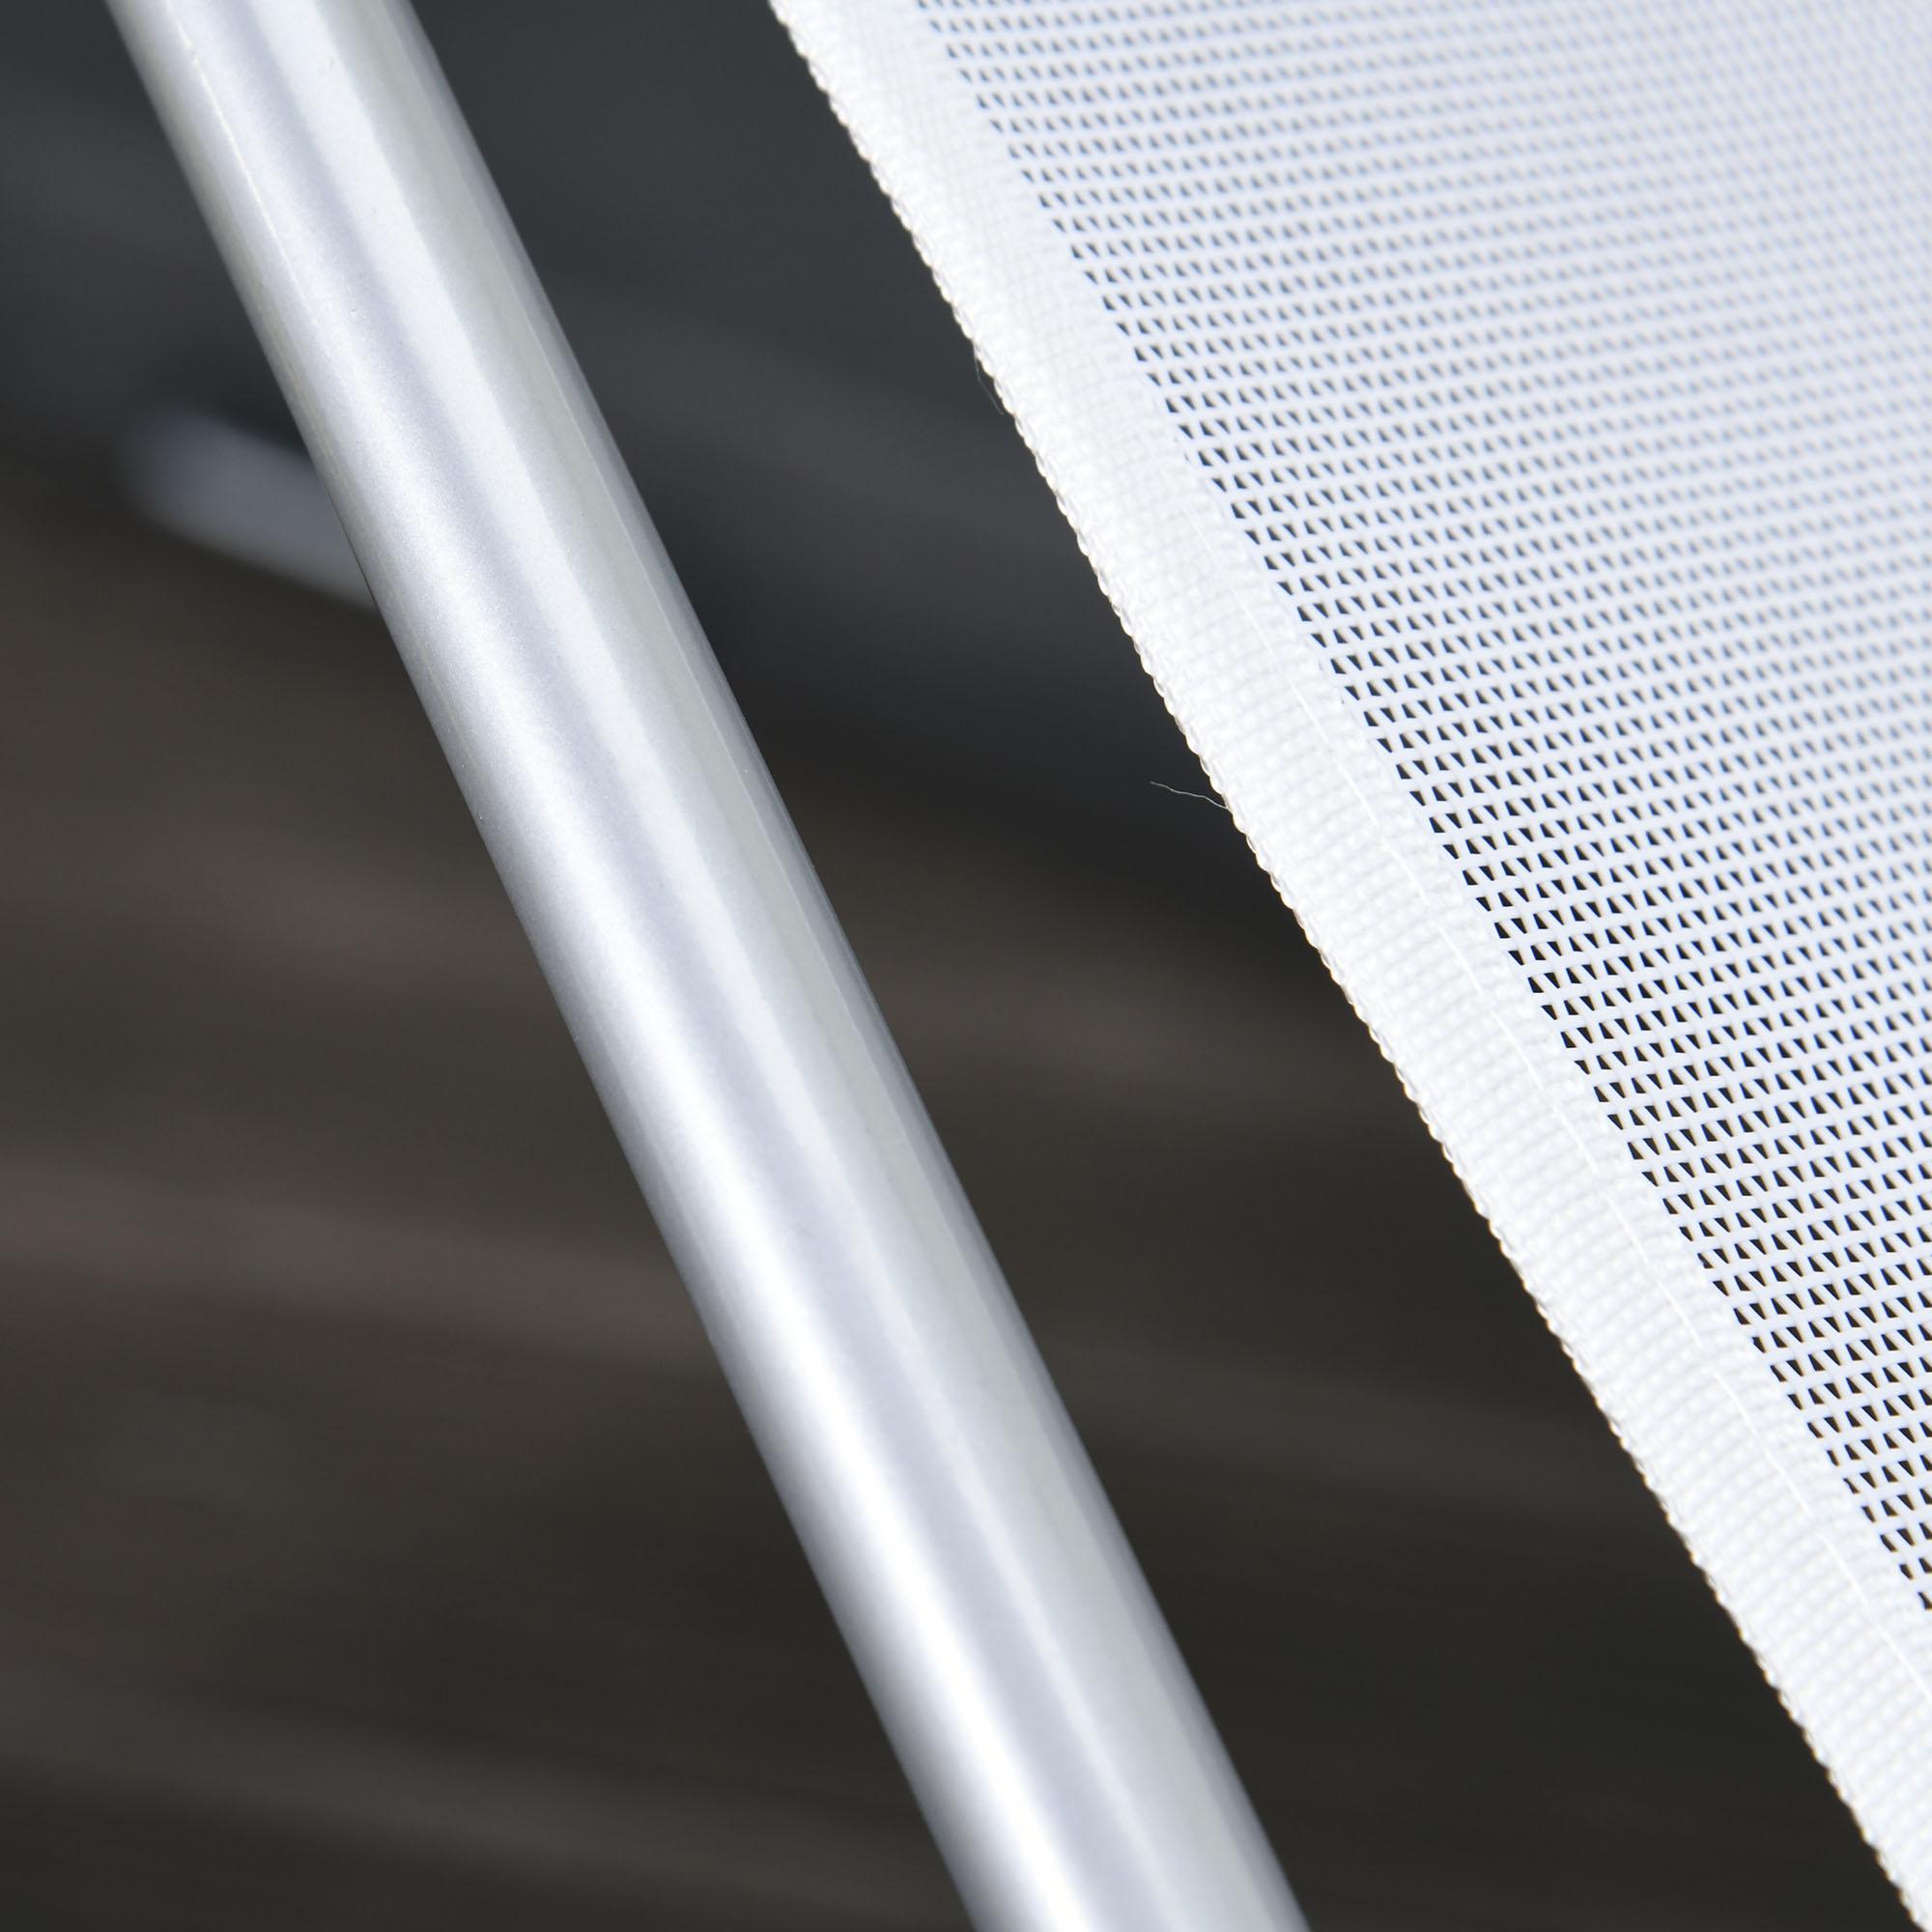 miniatura 11 - Tumbona Plegable y Reclinable con Reposacabezas y Respaldo Ajustable COLOR